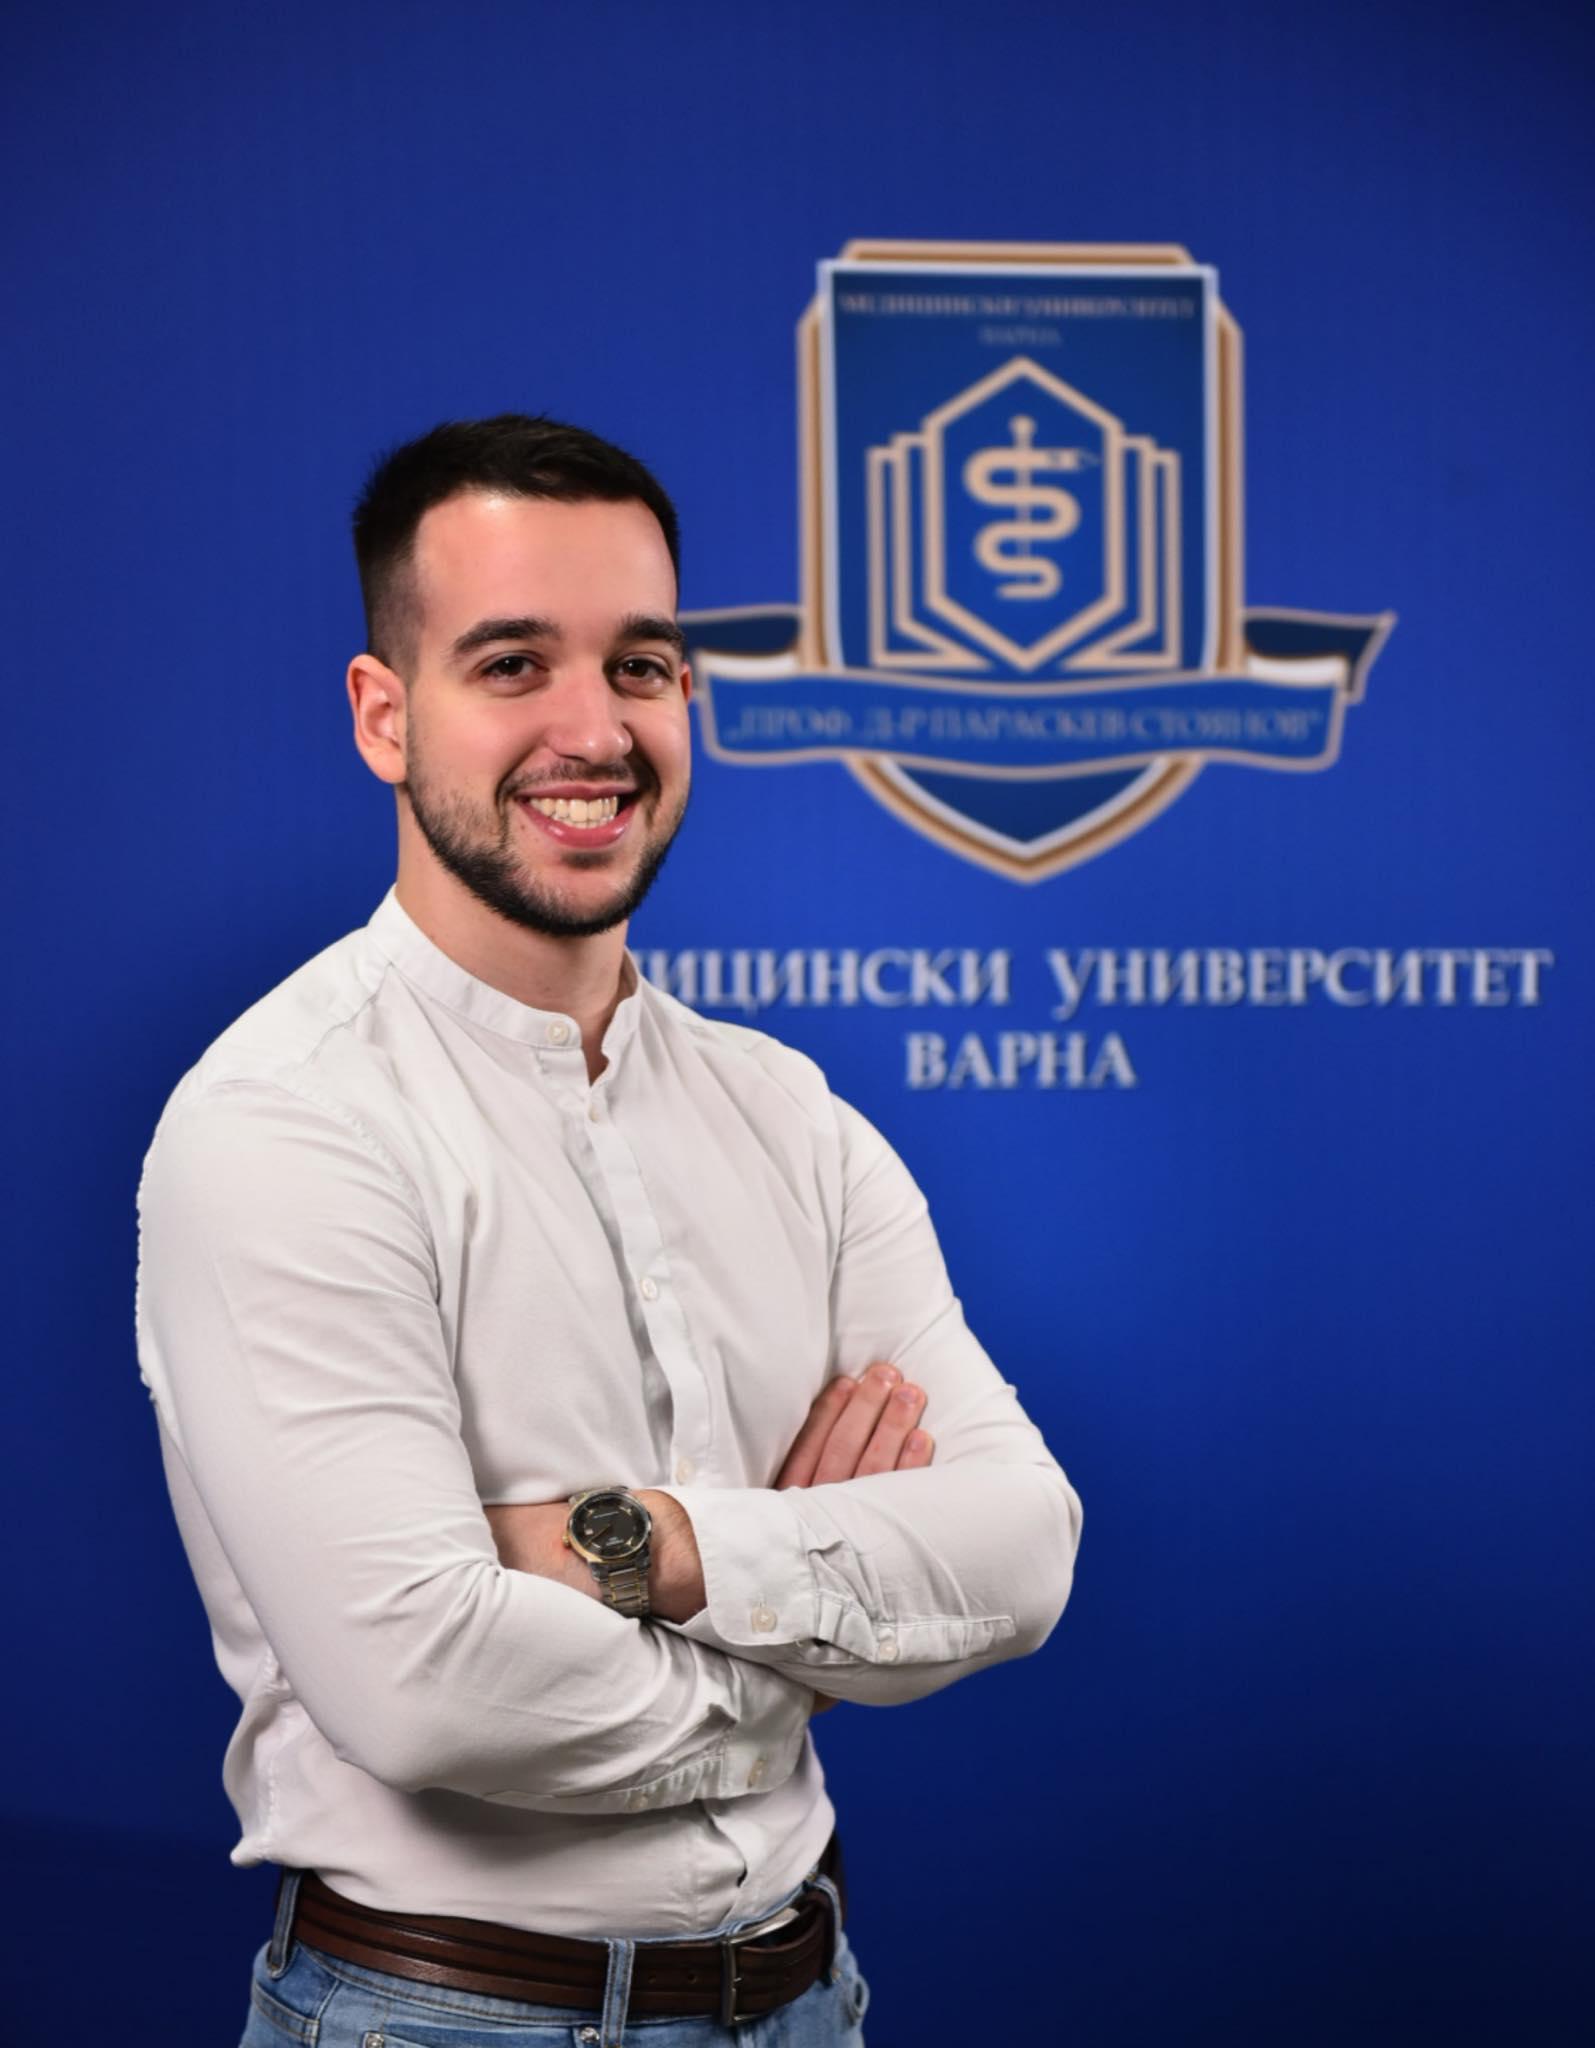 Svetoslav Stoyanov